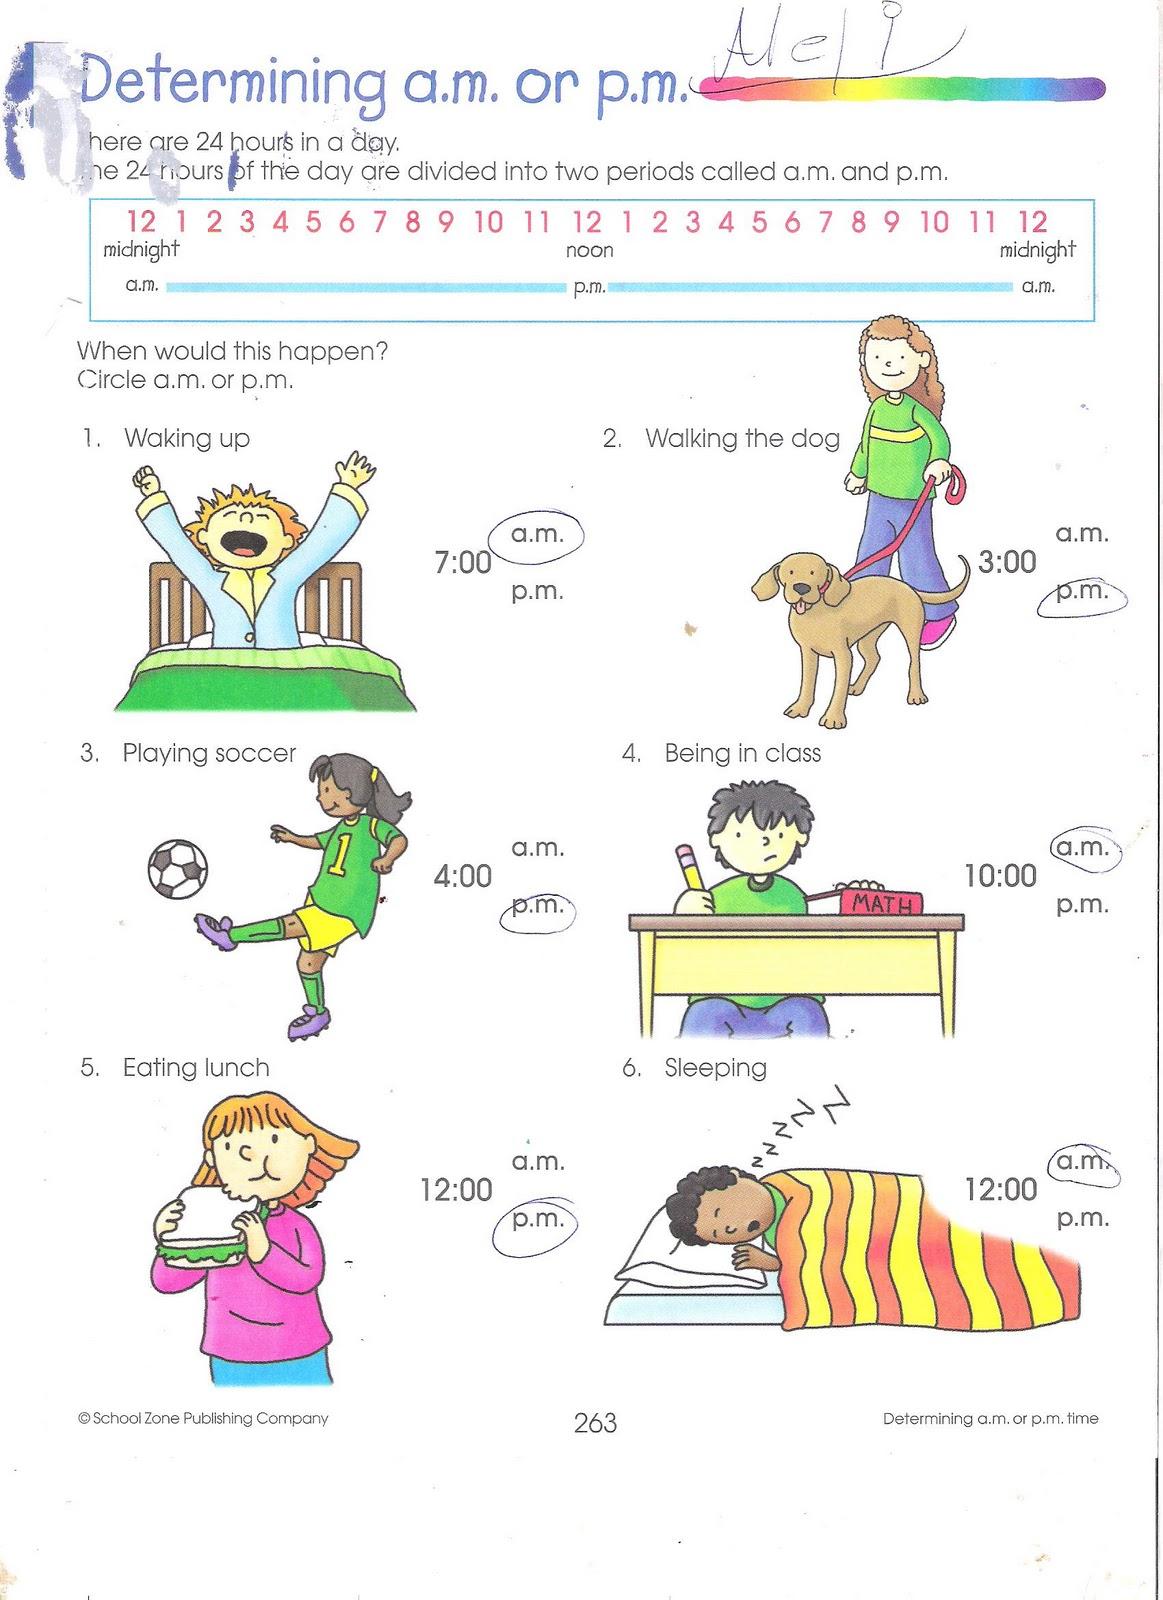 Am And Pm Worksheets - humorholics